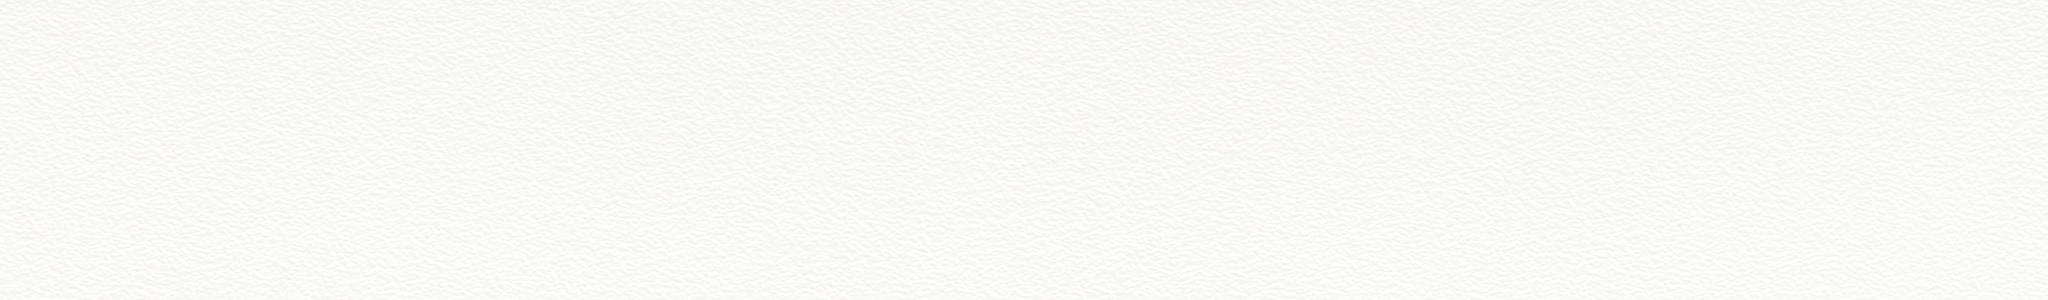 HU 101506 Кромка ABS Слоновая Кость Белая - Шагрень XG